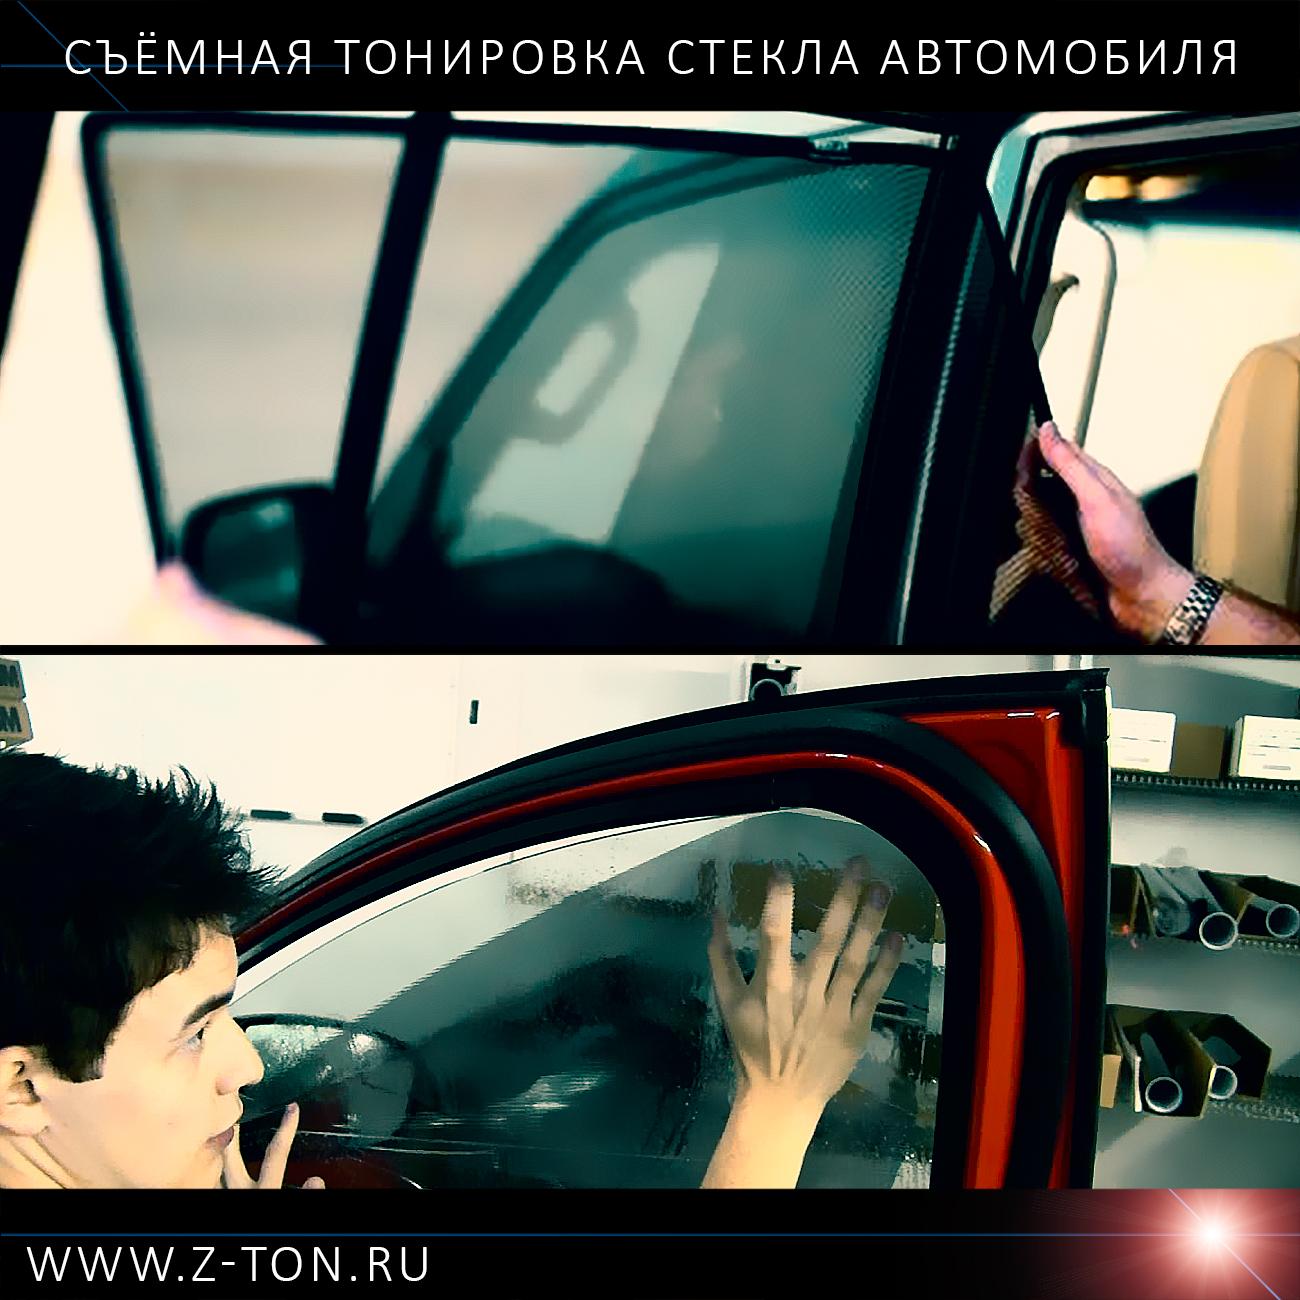 Съемная тонировка в Зеленограде (Андреевка, Крюково, Москва)